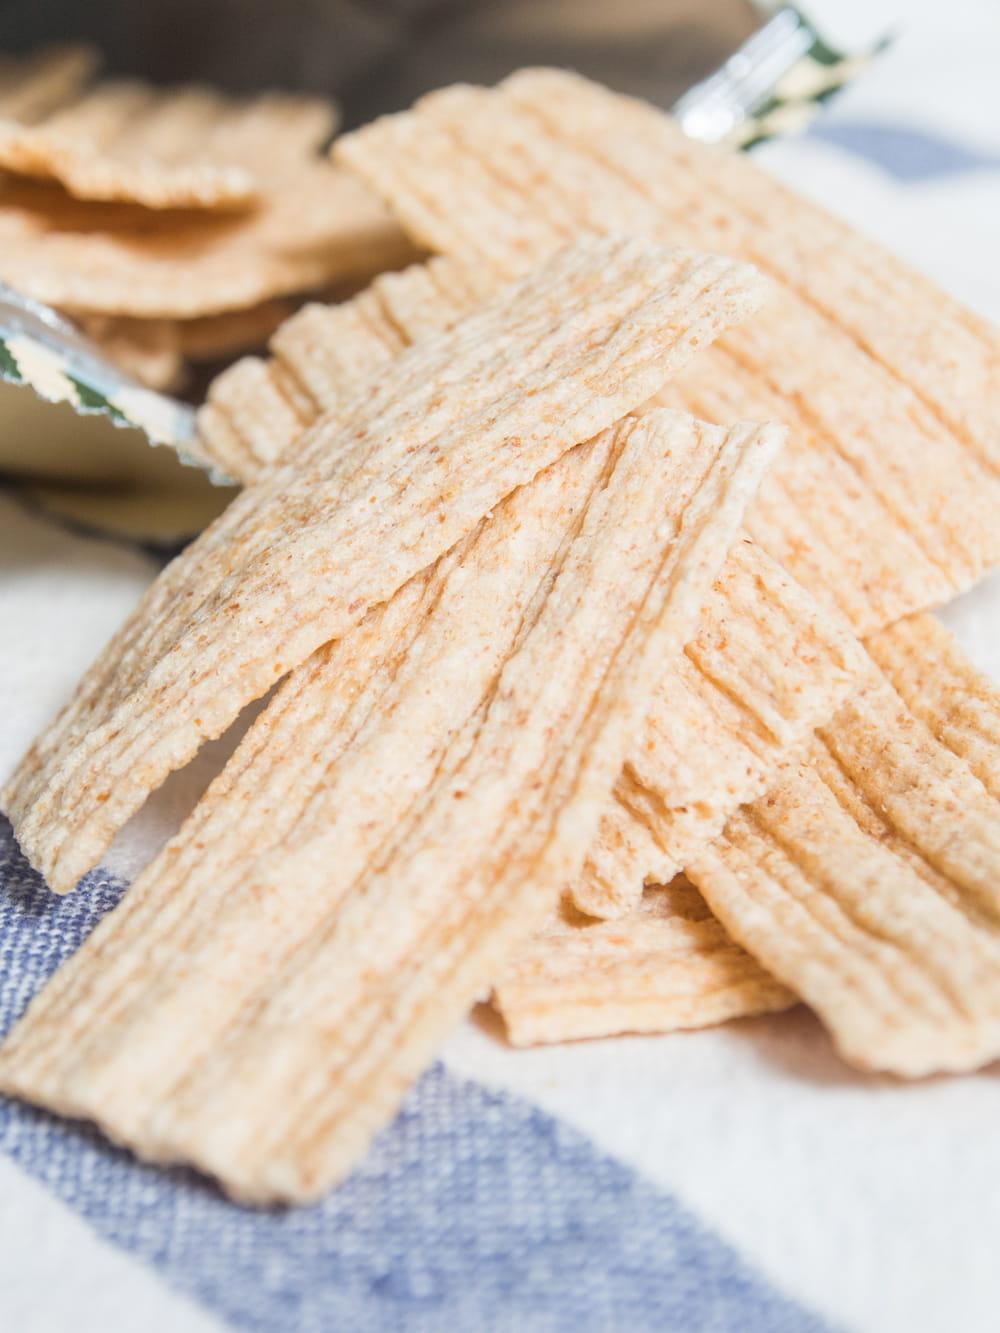 派姿爆米片、力塔脆片歡享組 素食、高纖、熱銷零食 七種口味 2